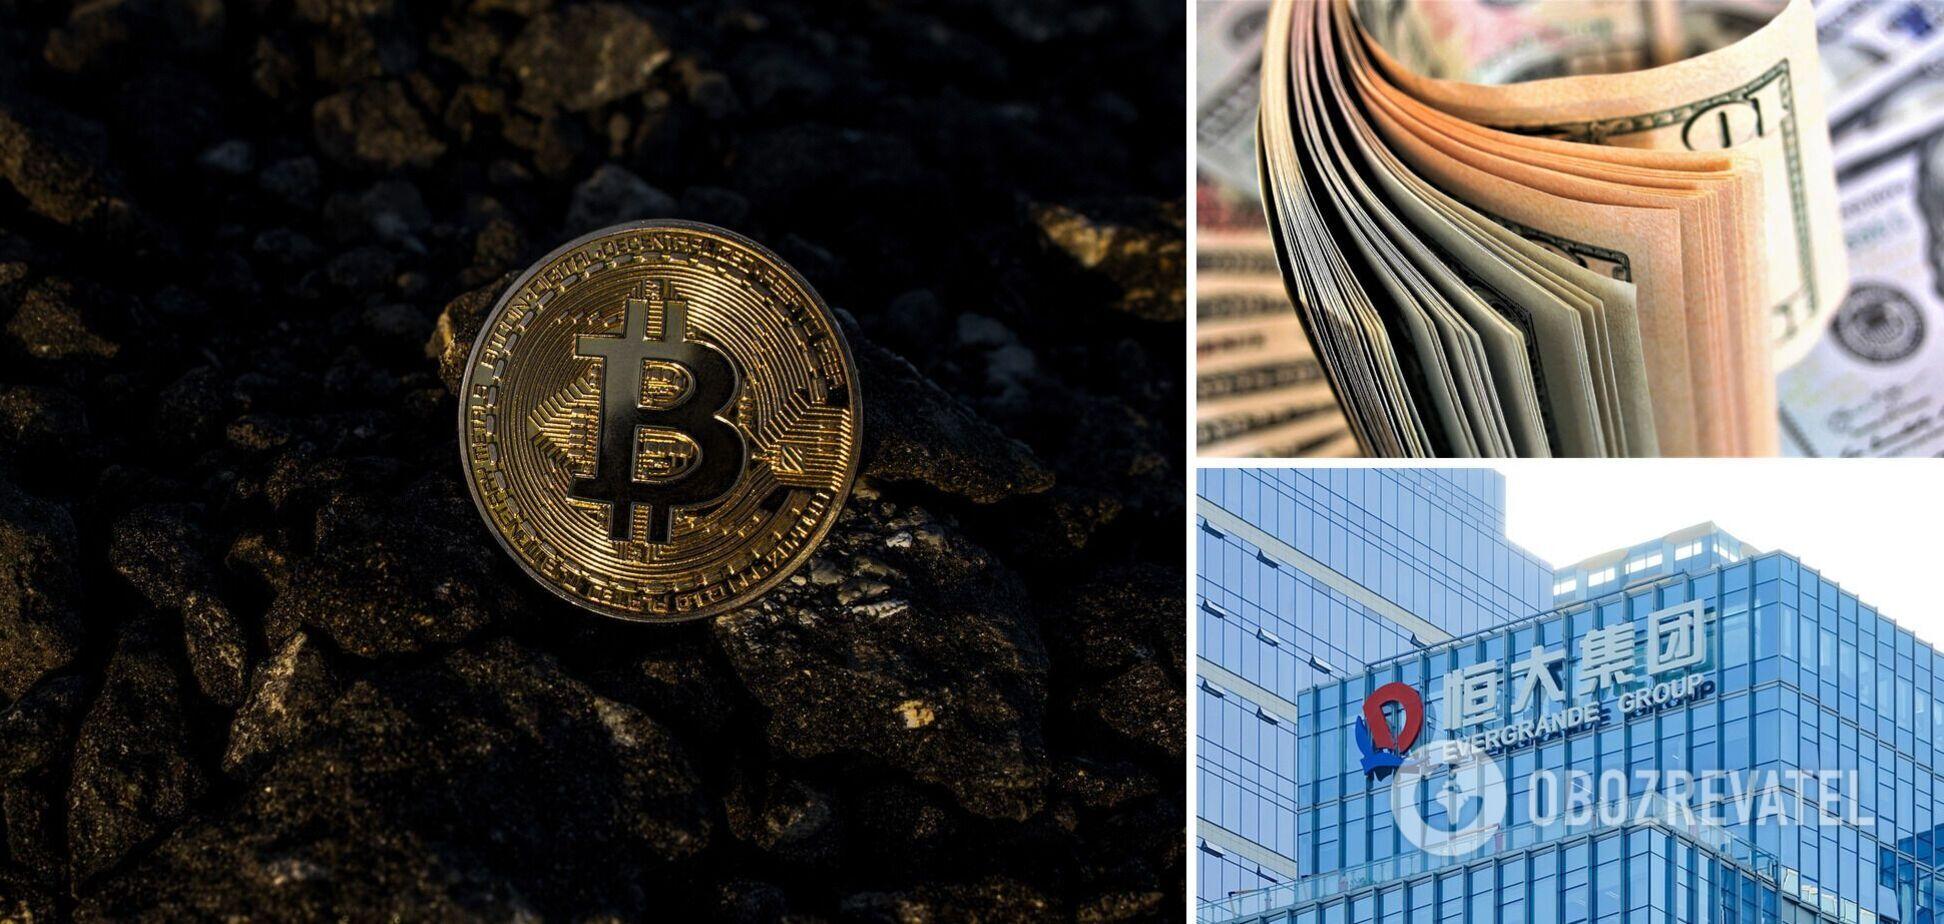 Курс биткоина резко снизился: сколько стоит и что будет дальше